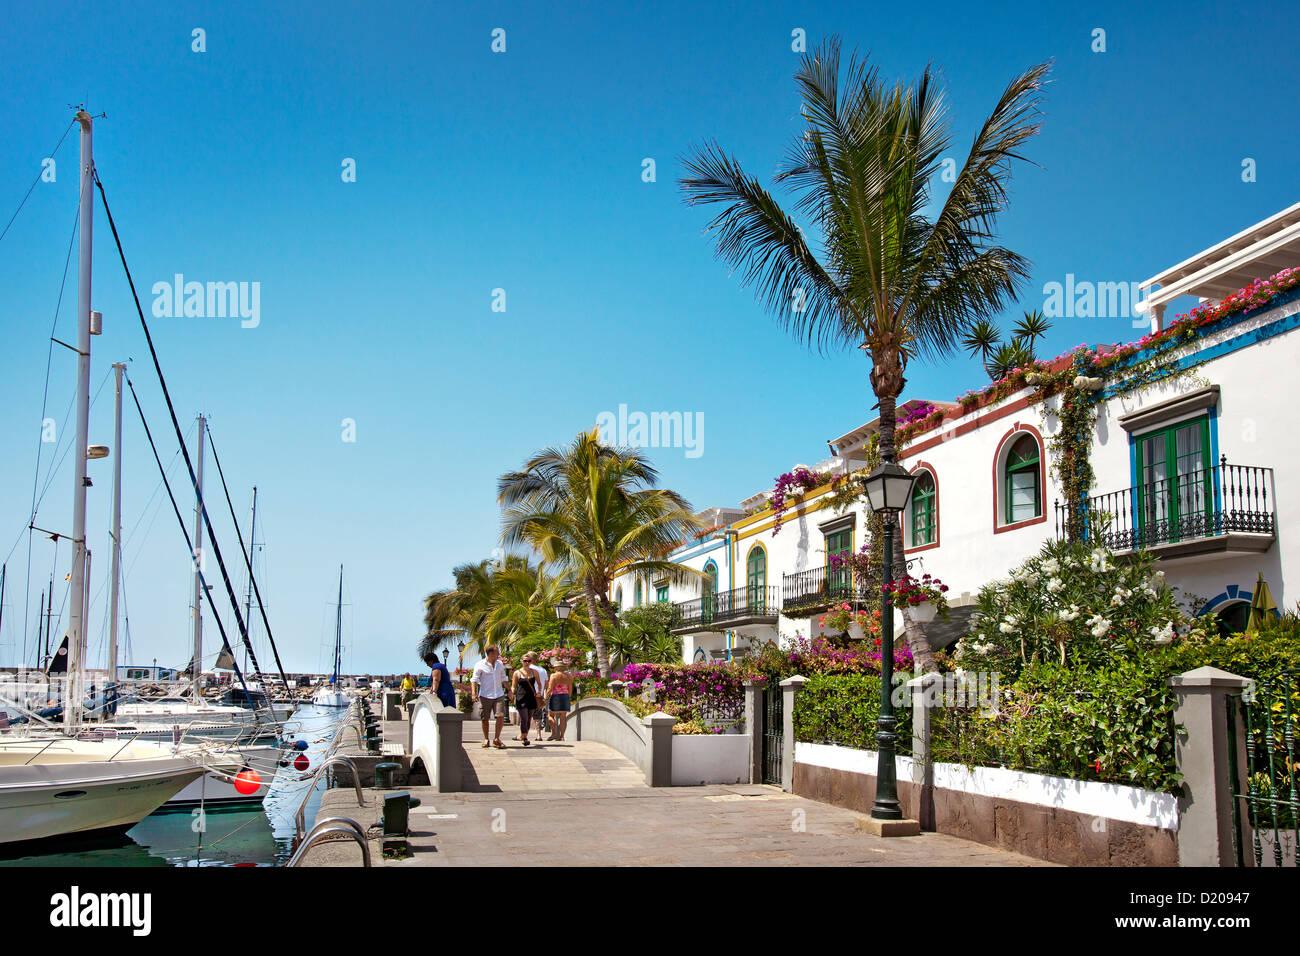 Häuser am Hafen Puerto de Mogan, Gran Canaria, Kanarische Inseln, Spanien, Europa Stockbild